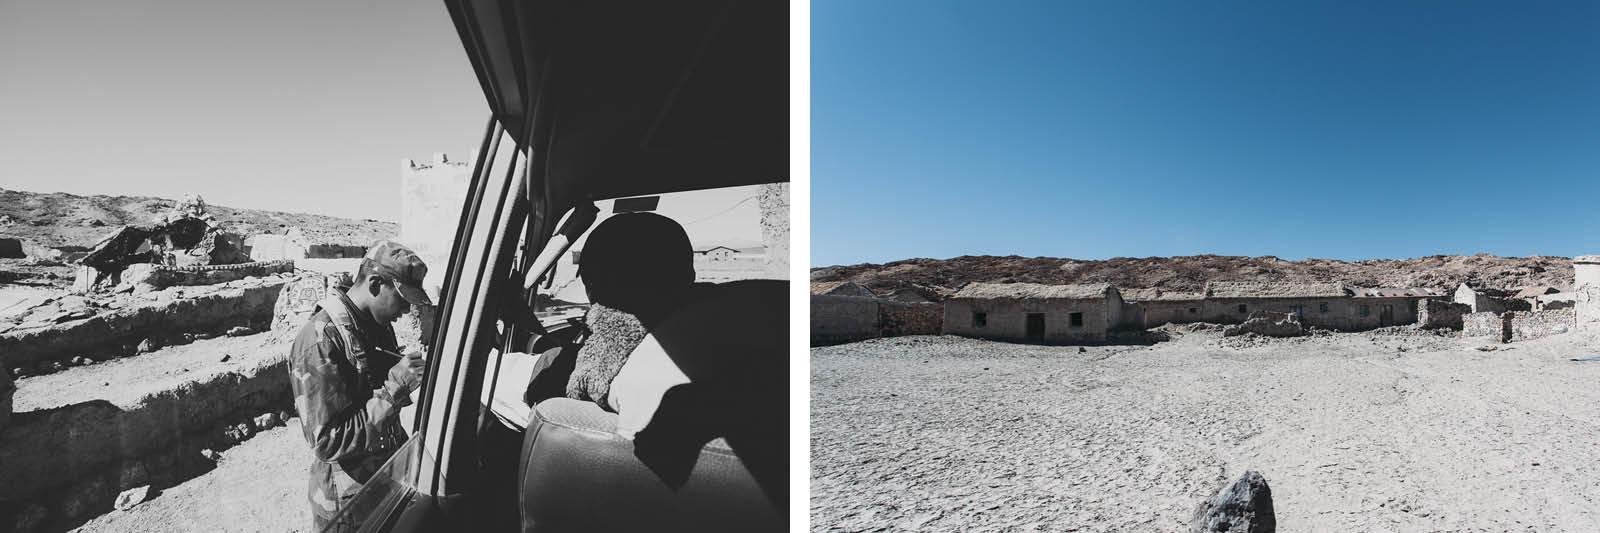 Evabloem-Salar-de-Uyuni_Bolivia-0070-2.jpg